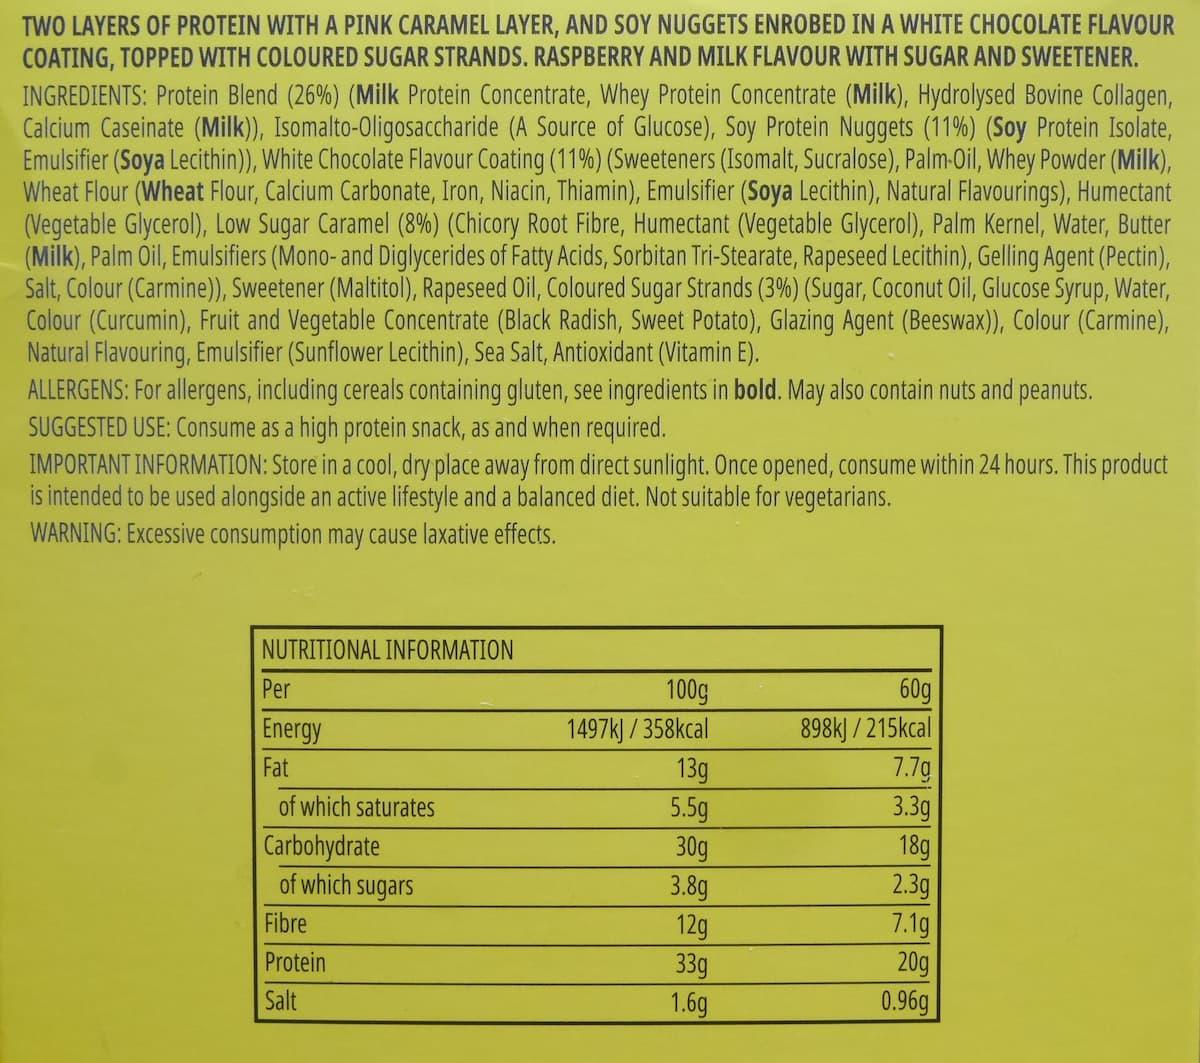 レイヤード プロテインバー ドラムスティックの栄養成分